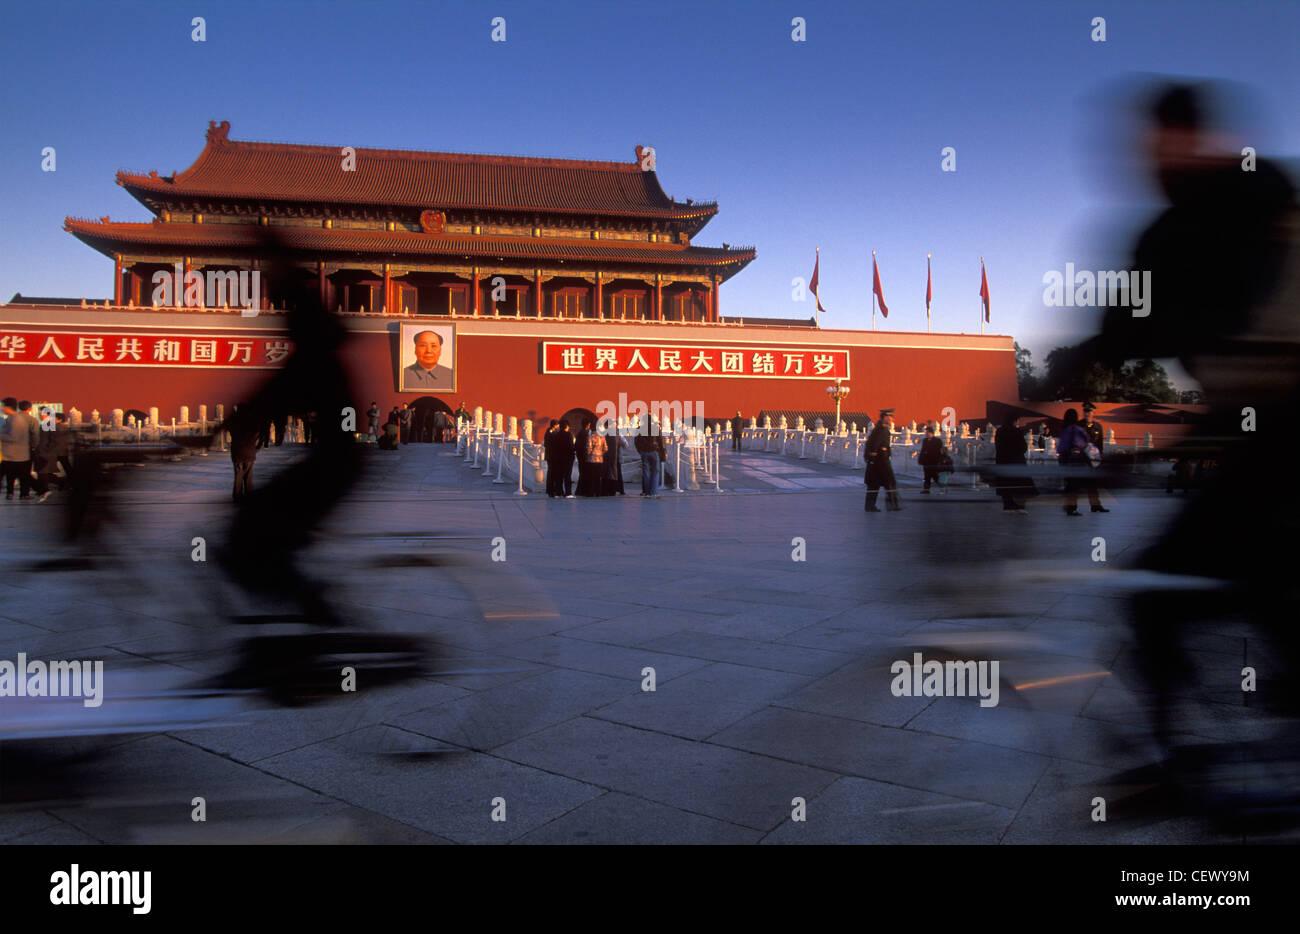 Les cyclistes, Porte de Tian'anmen, de la Place Tian'anmen, à Beijing, Chine Photo Stock